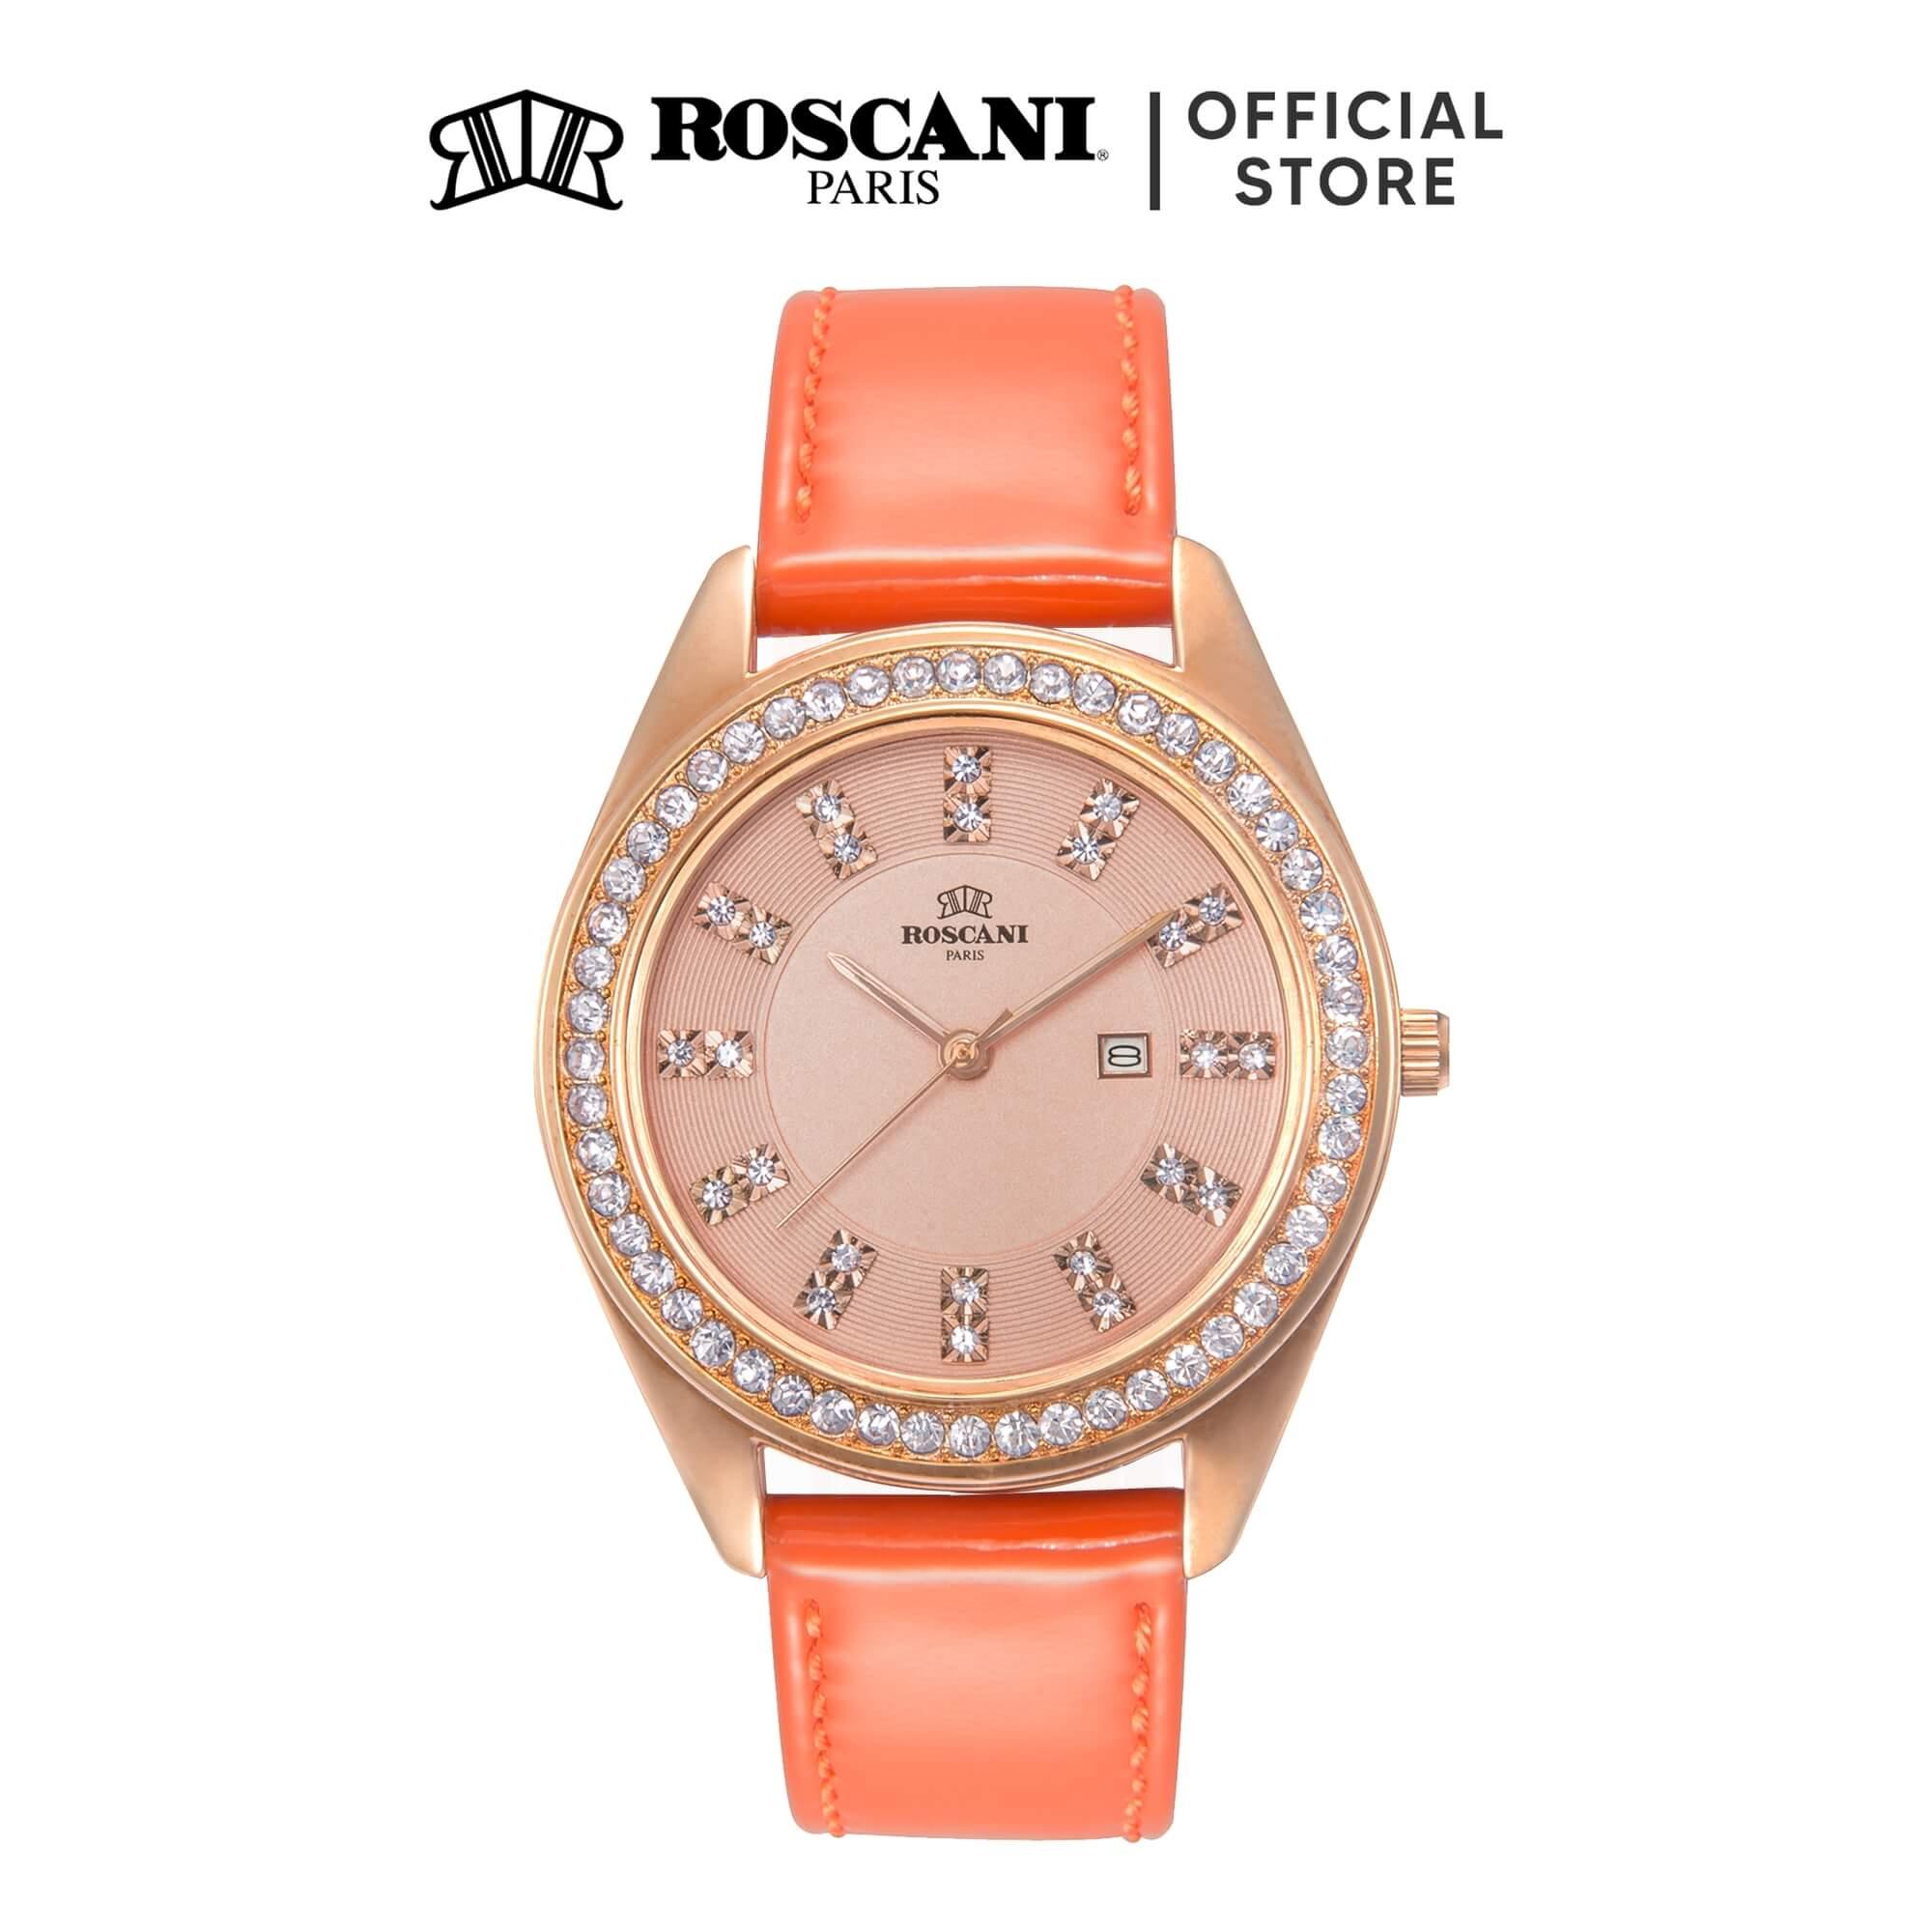 Roscani Mei Ling 841 (Gemstone Bezel) Leather Women Watch